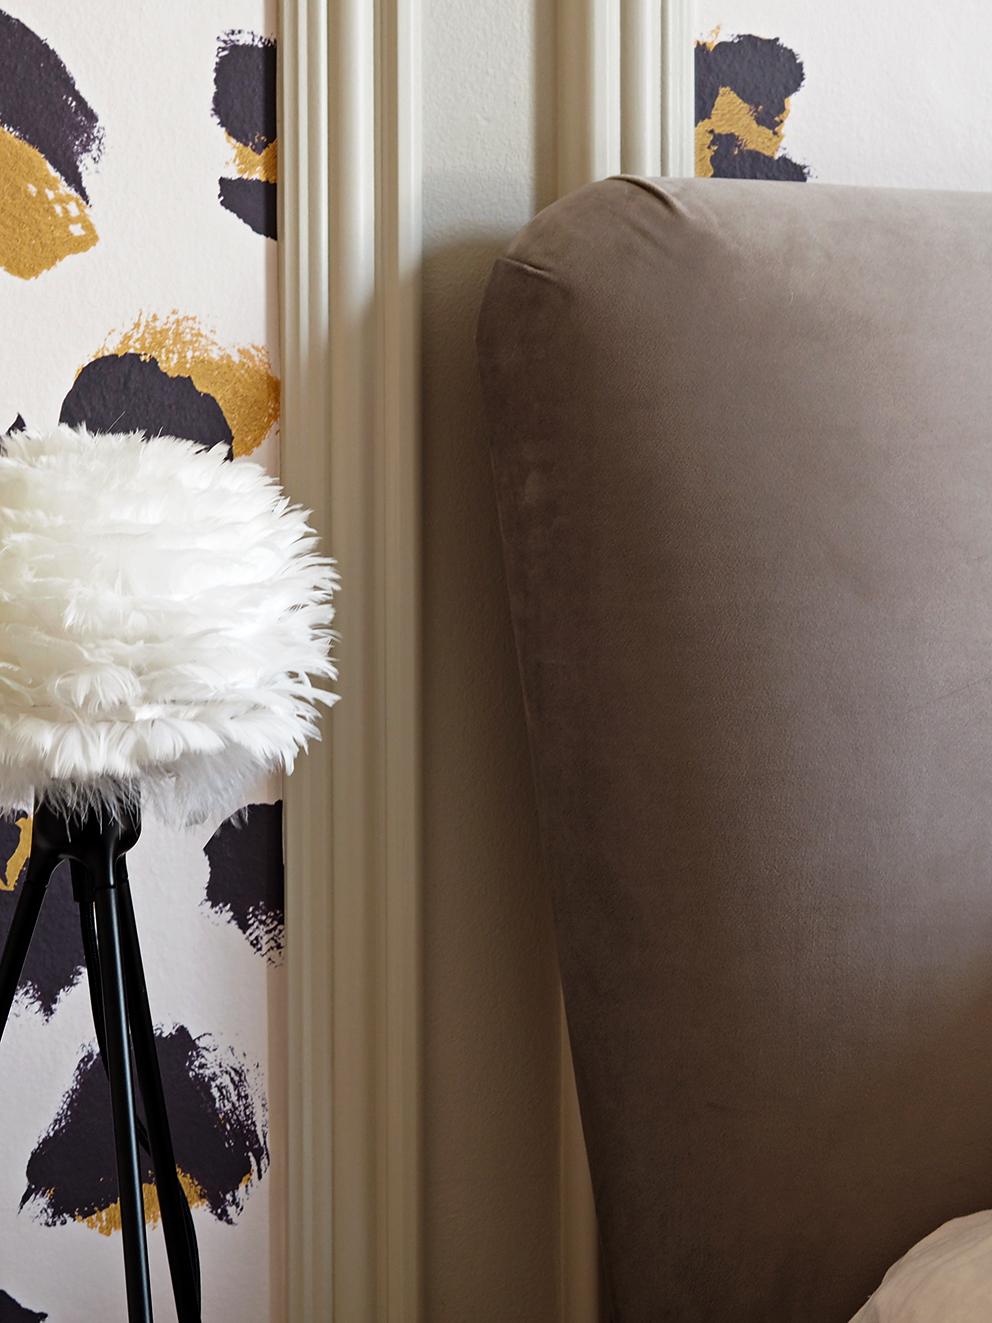 French For Pineapple Blog - Teen Girls Bedroom